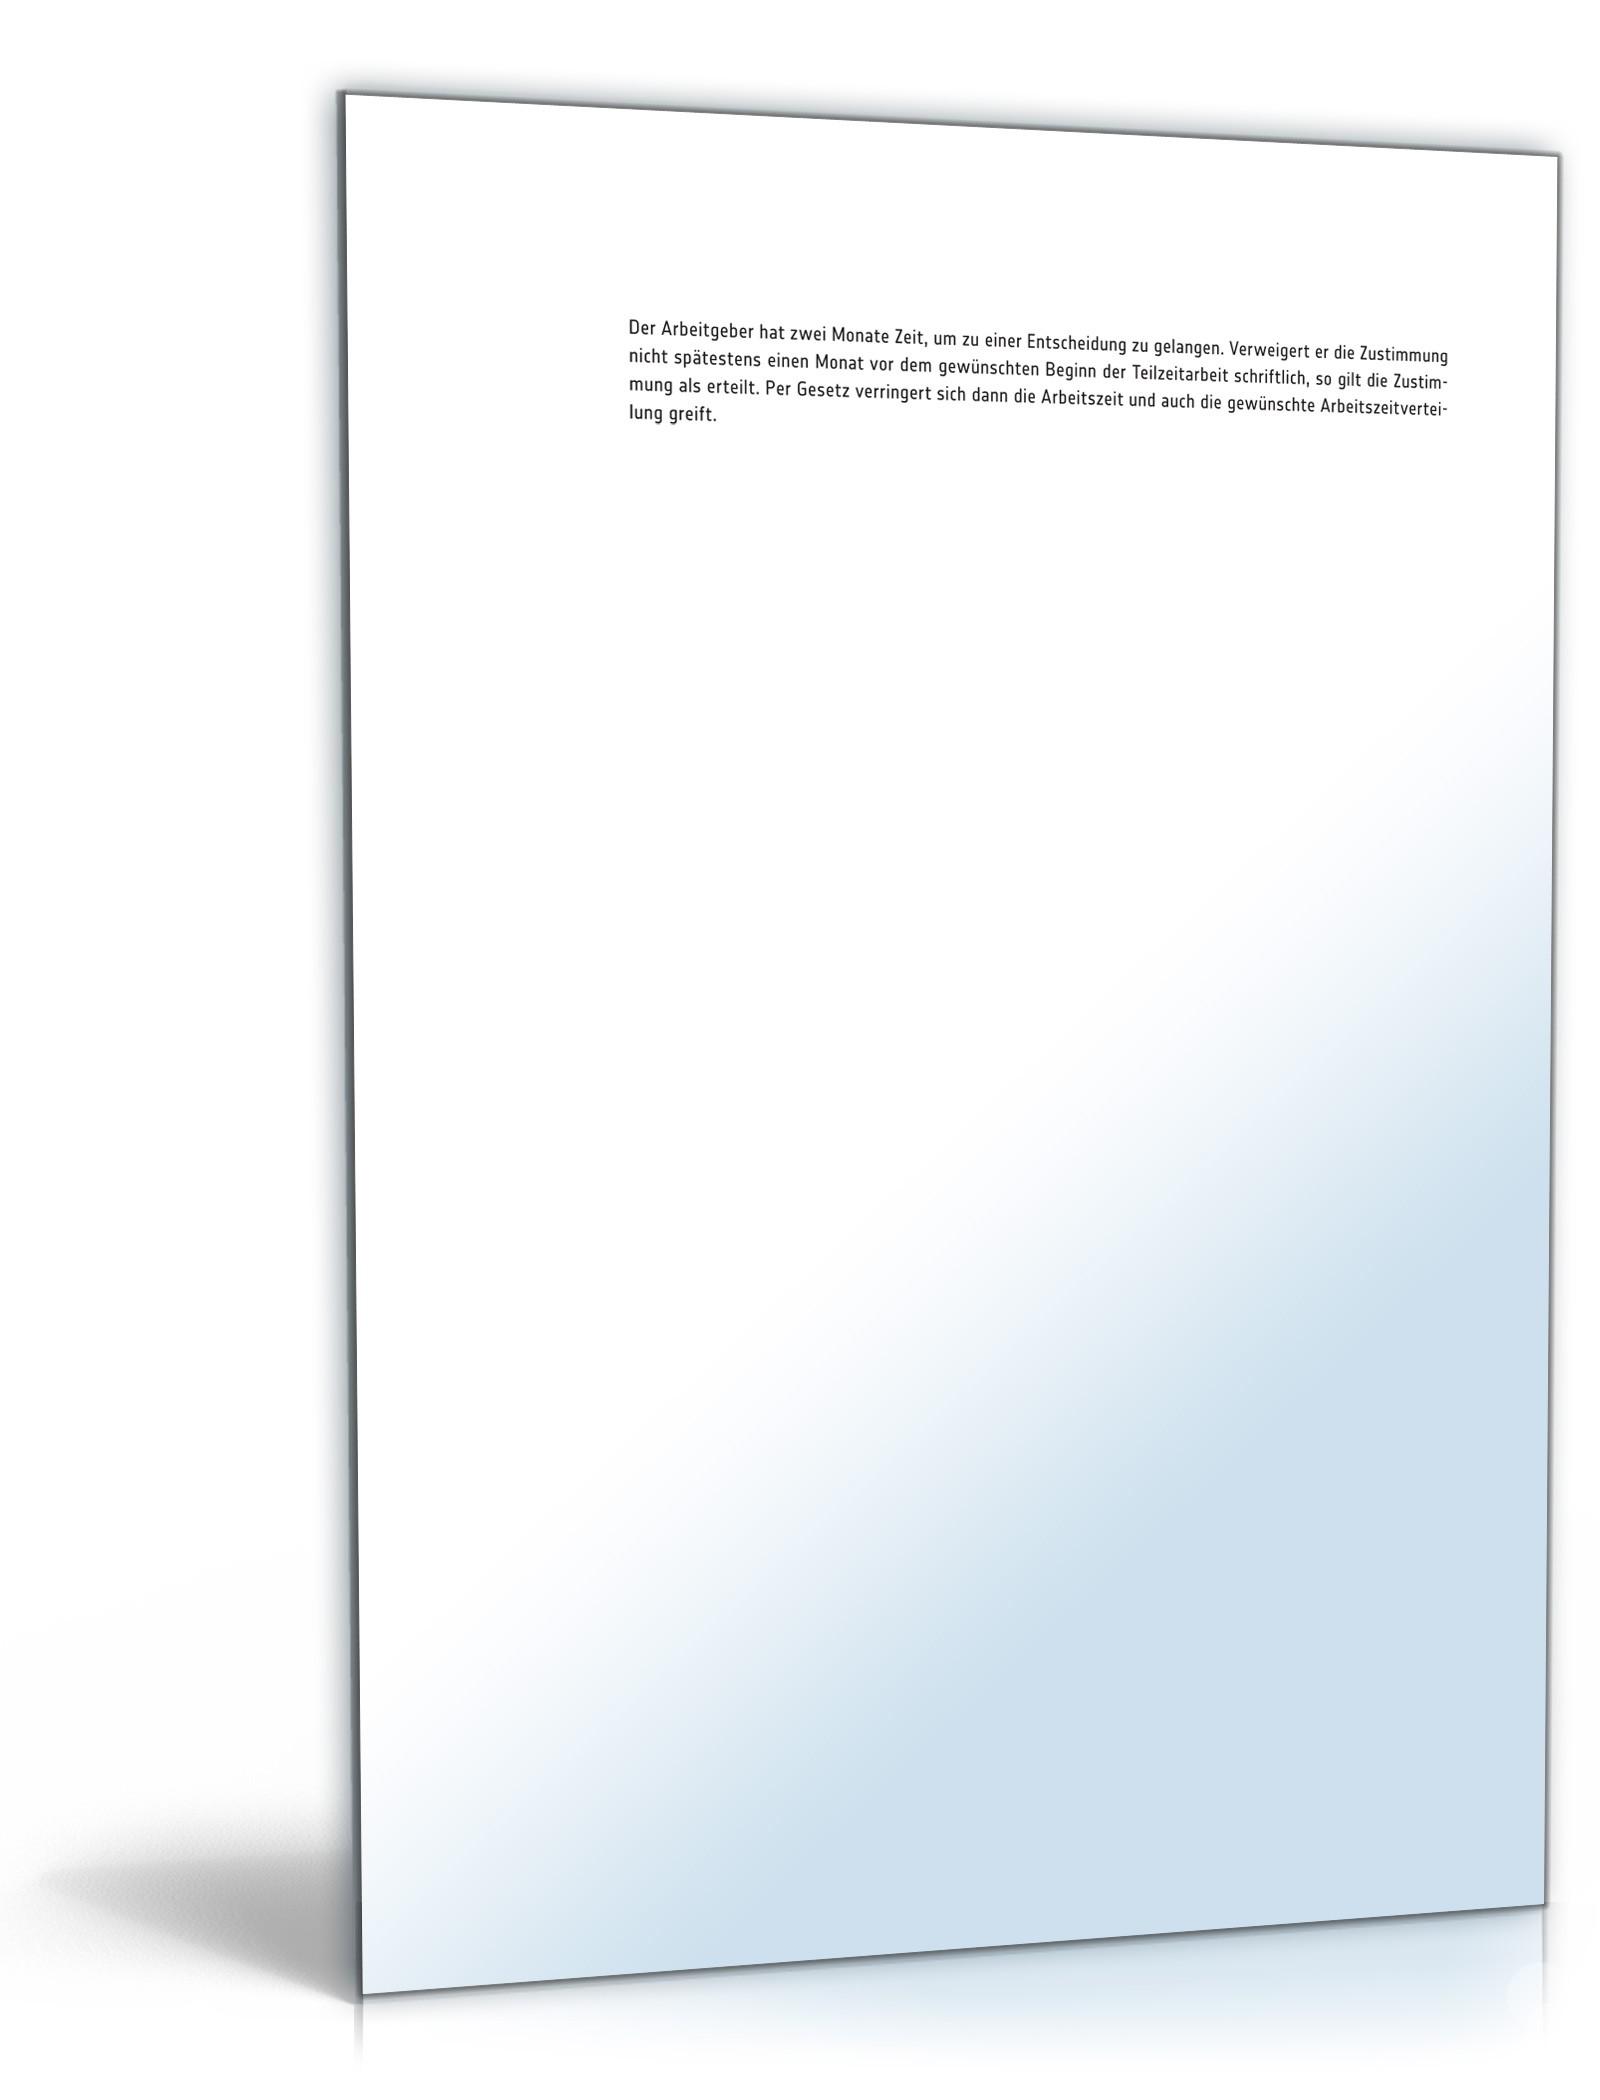 Anmeldung Teilzeitarbeit - Muster-Vorlage zum Download